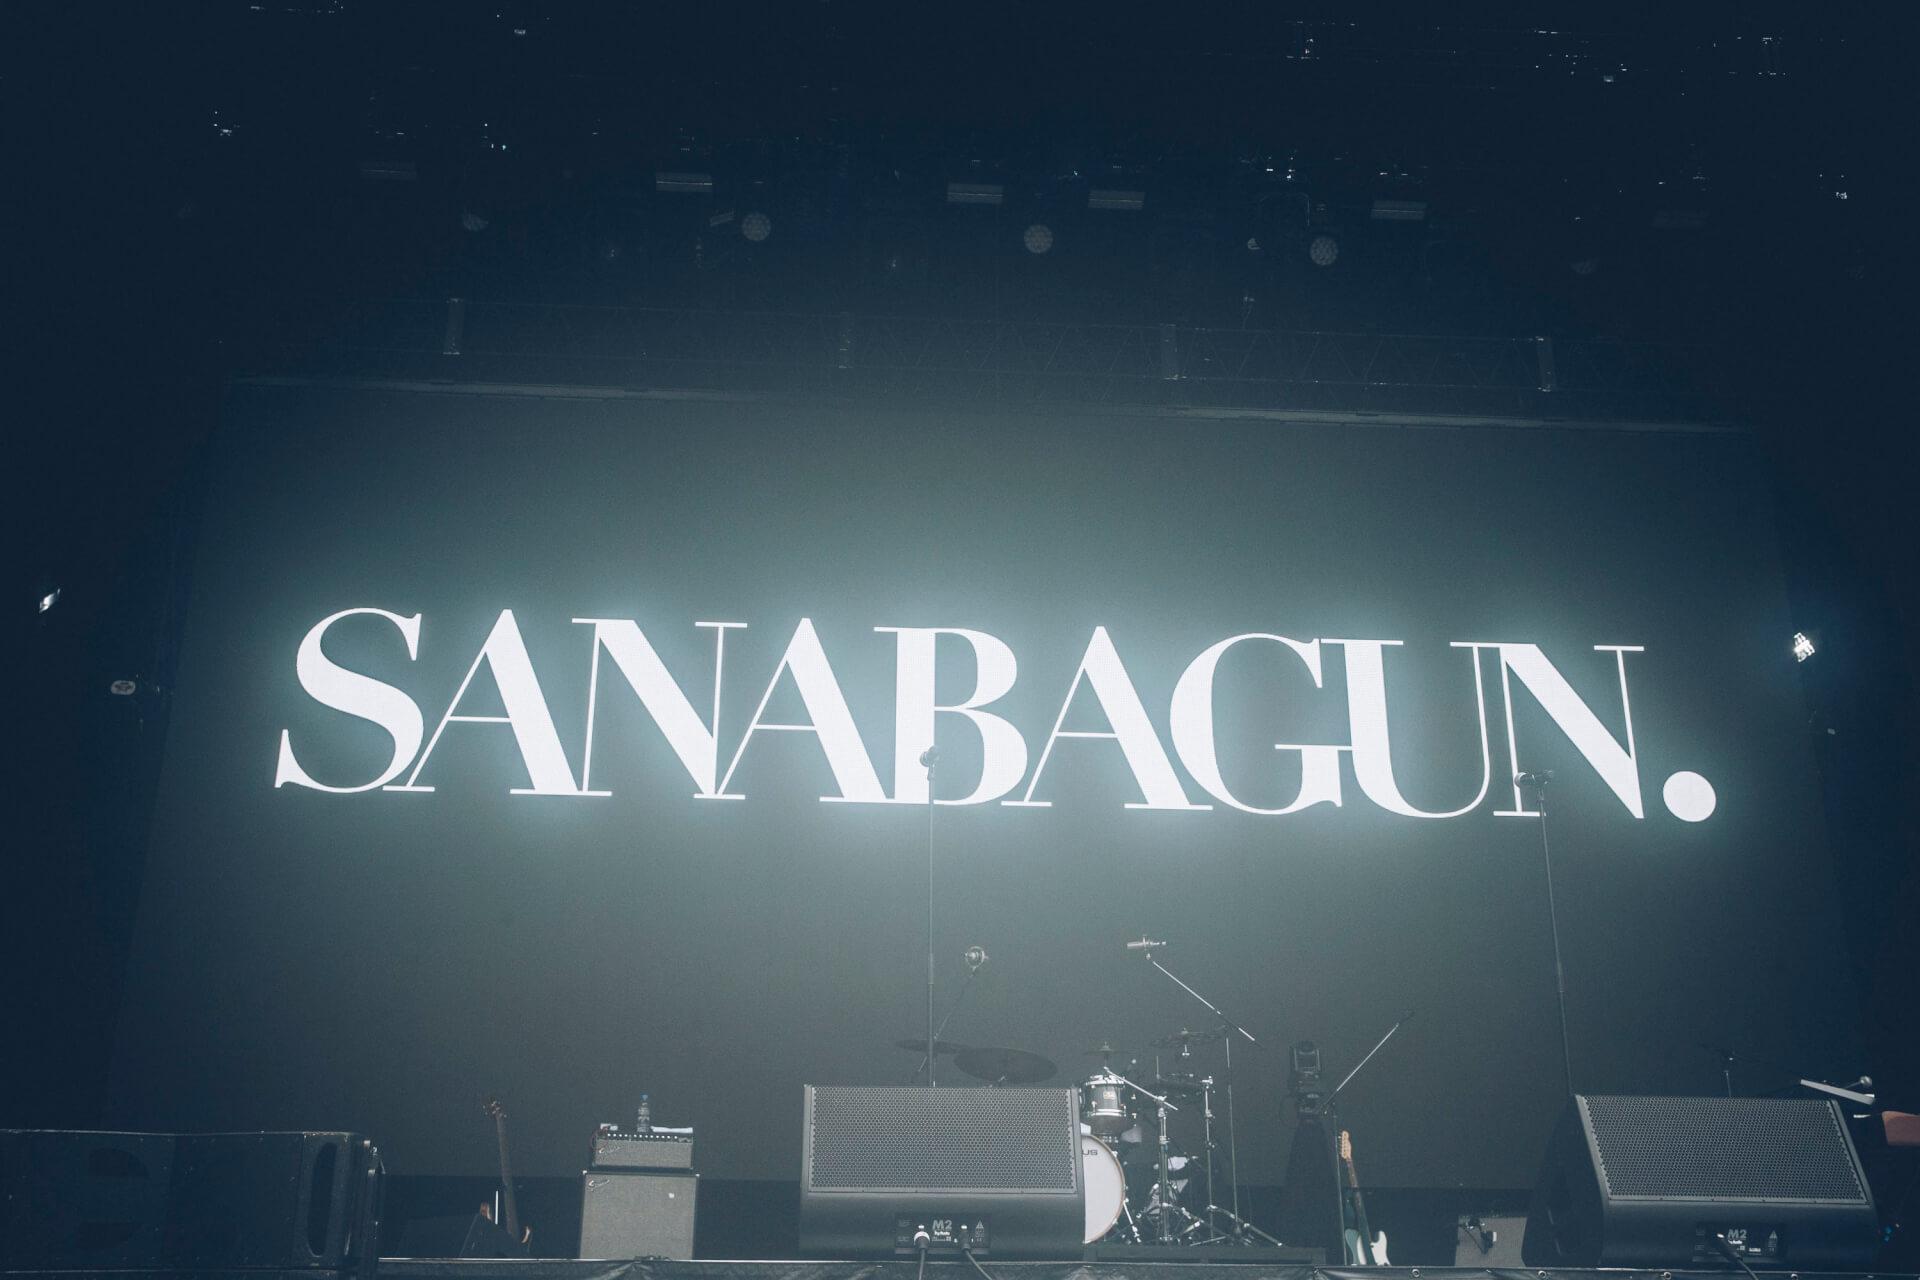 振り返るフジロック2019 SANABAGUN. music190823_fujirock_sanabagun_011.jpg